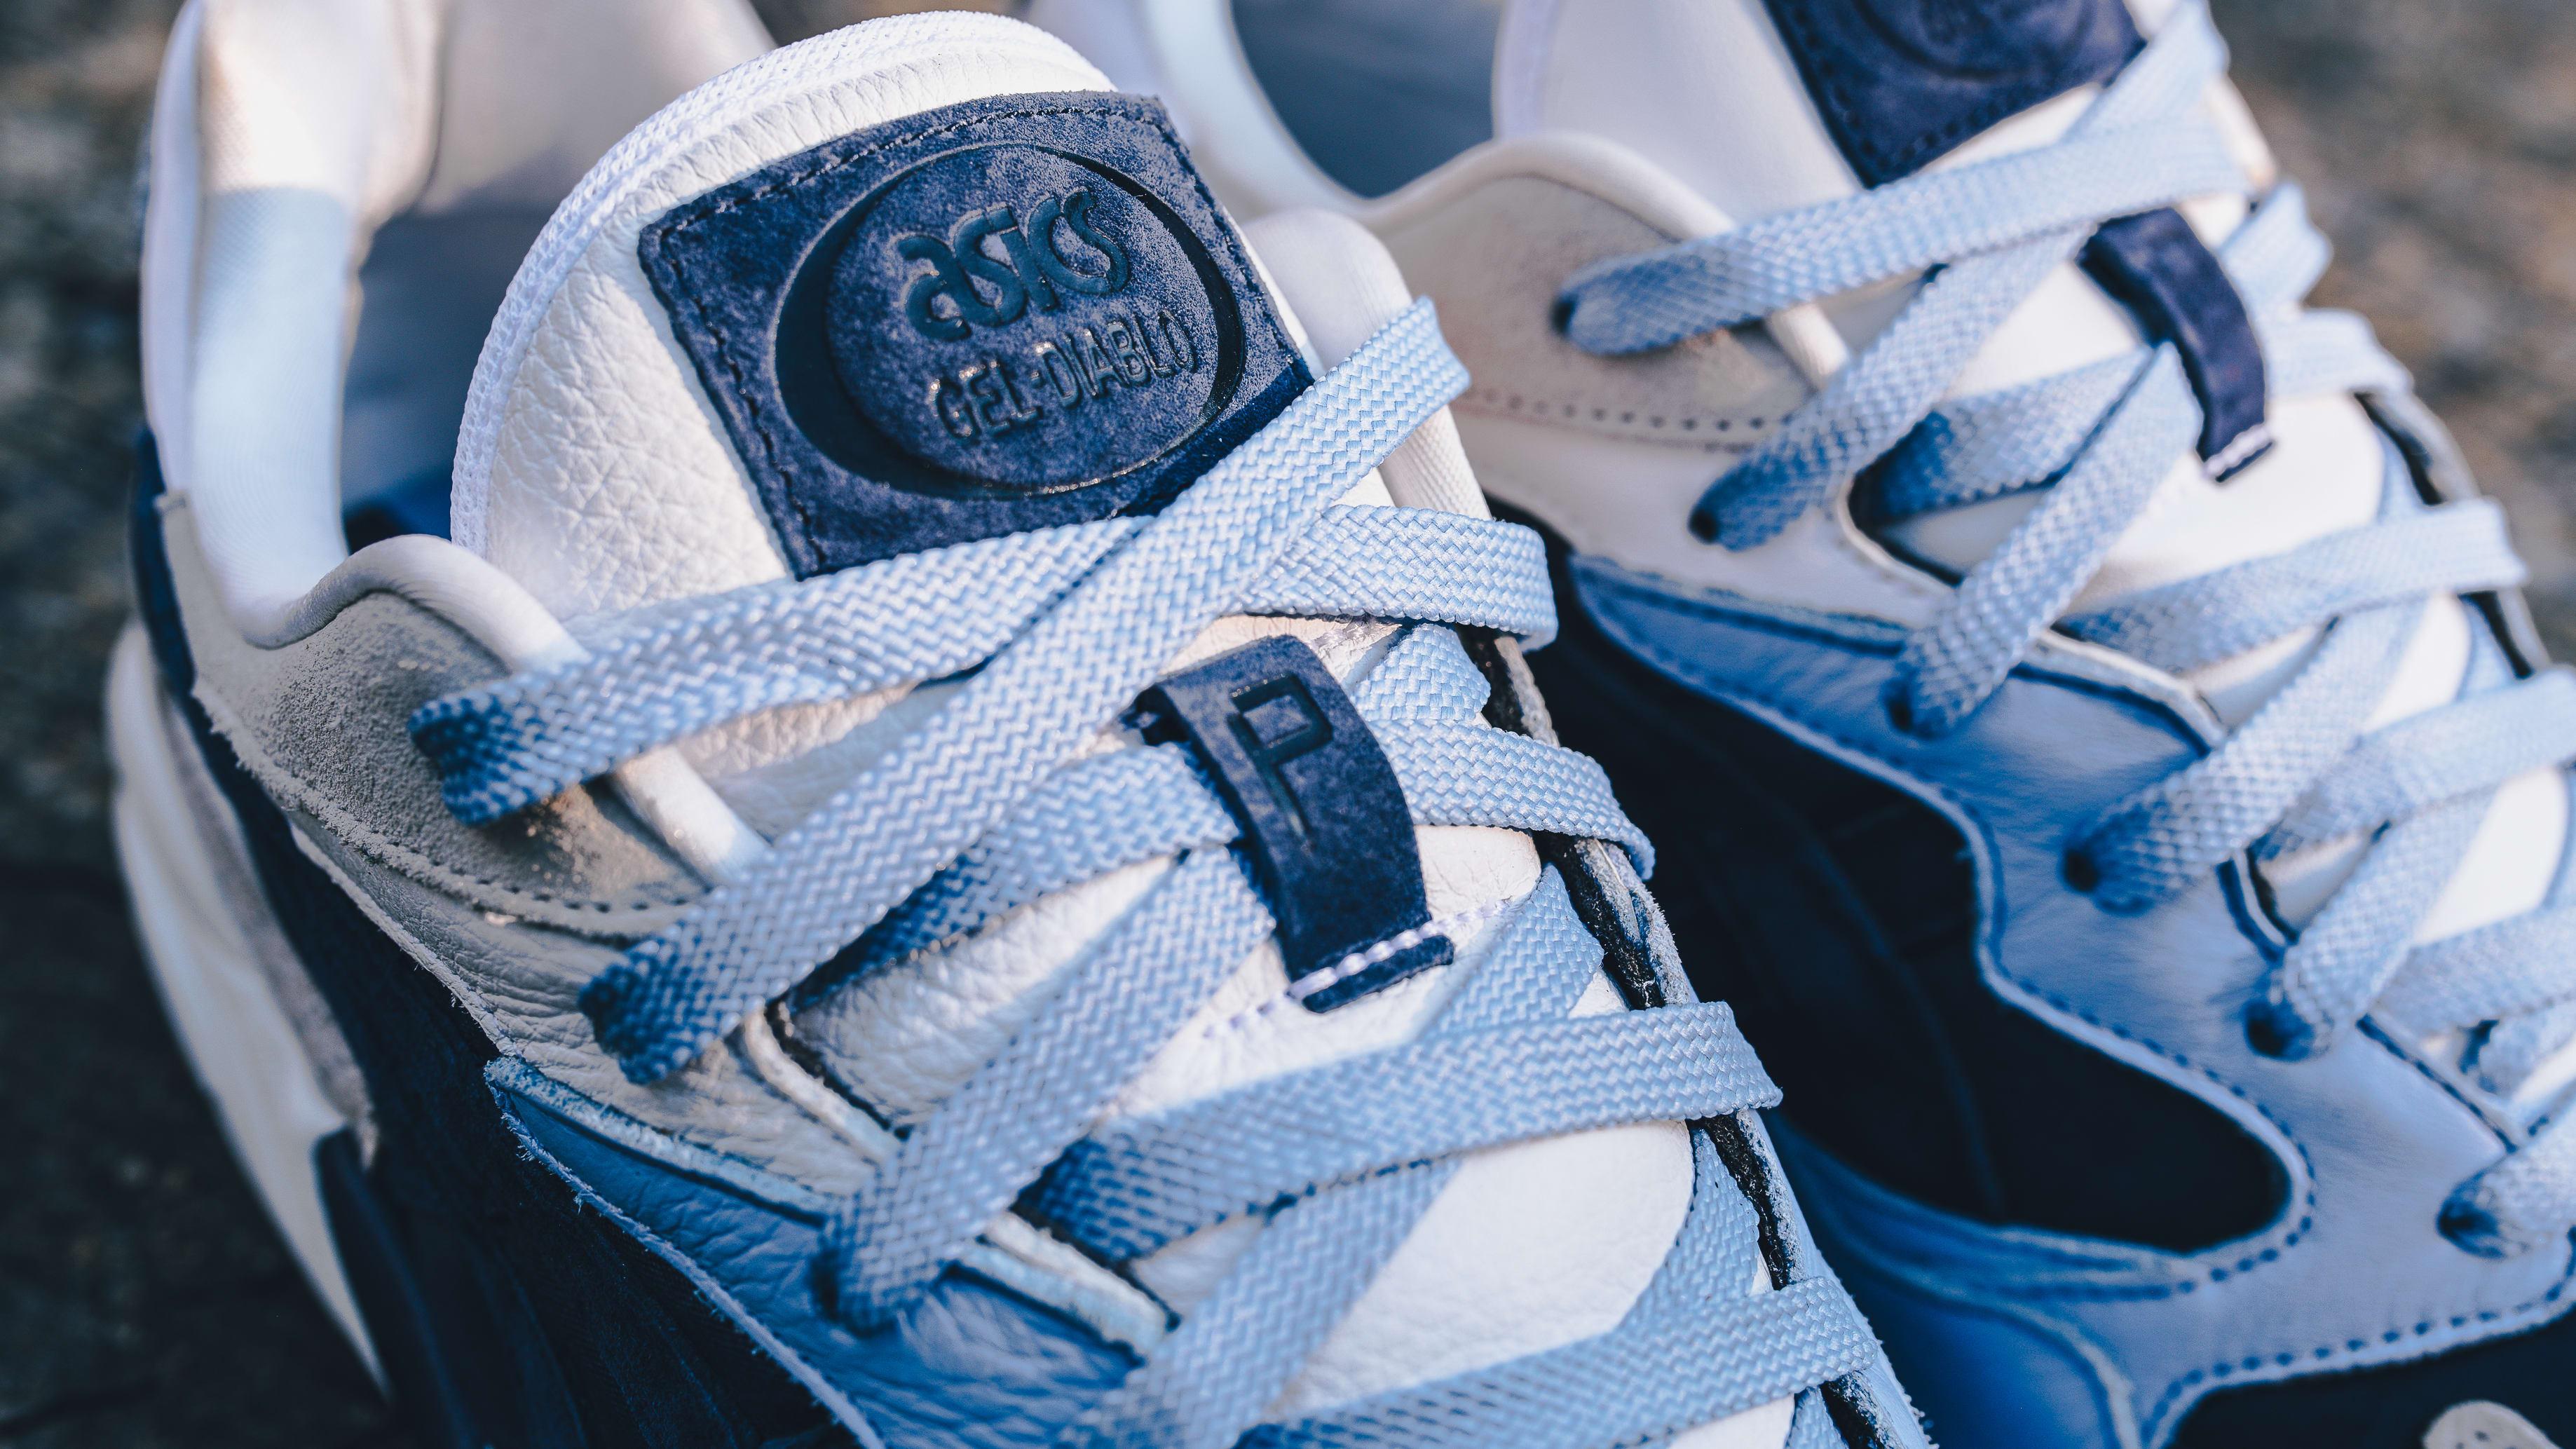 Image via Foot Locker asics-gel-diablo-foot-locker-pensole-kobe 62a34e971